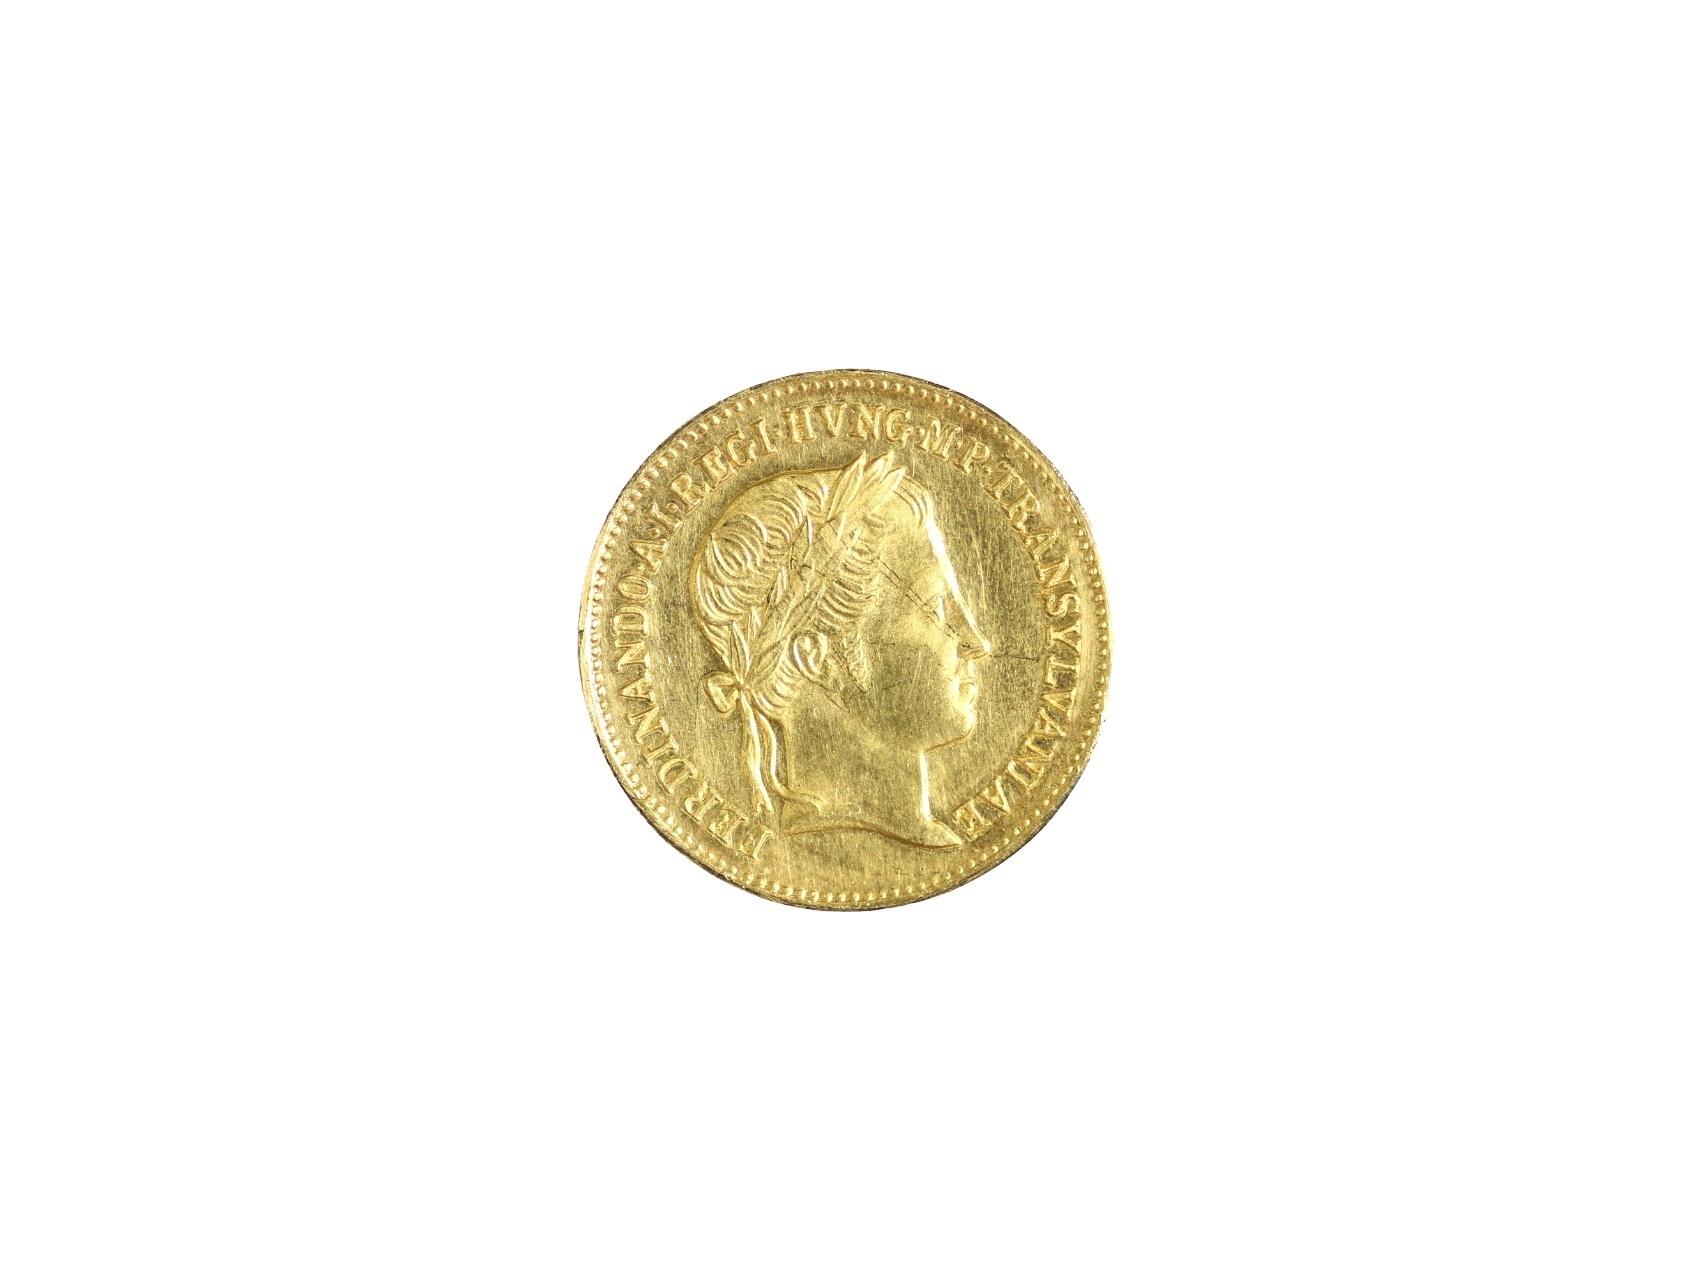 Ferdinand V. 1835-1848 - Žeton na Holdování v Sedmihradsku 1837 Au, průměr 20,5 mm, 5,62 g, N XXI., nepatrně přeleštěné